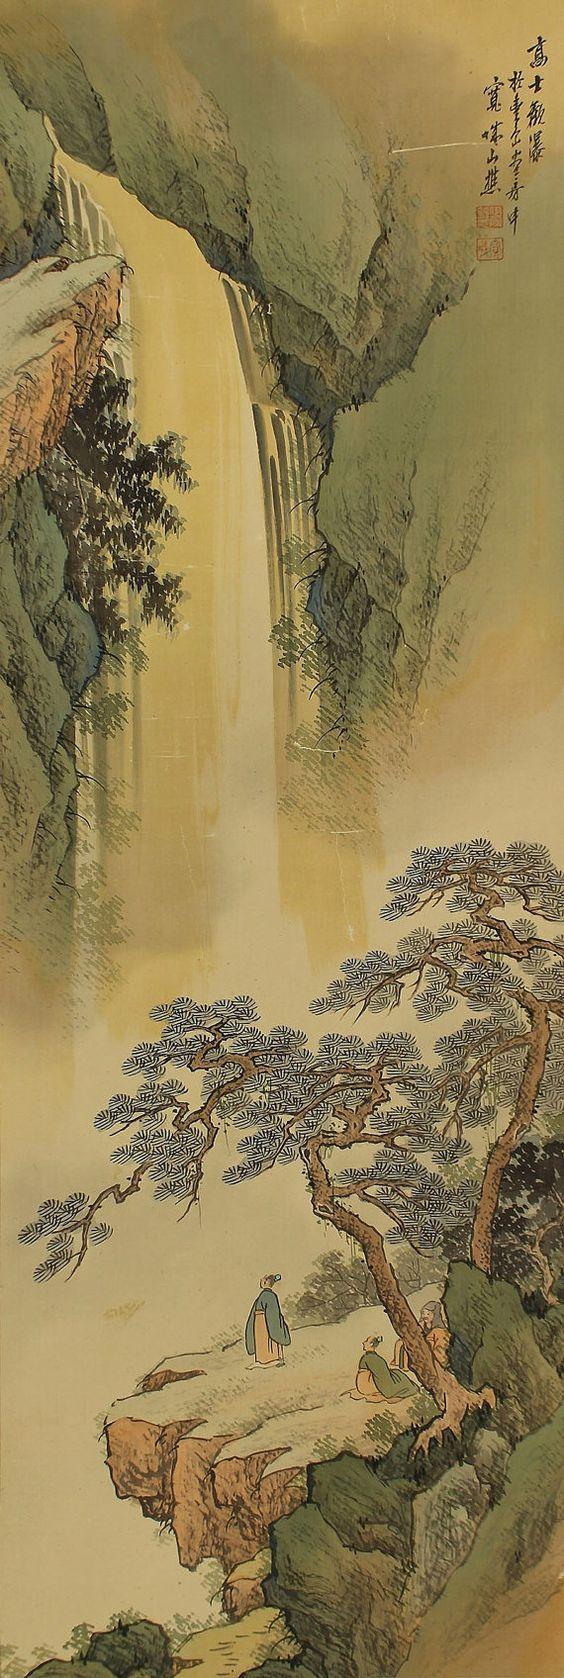 154 best Asian Landscape images on Pinterest | Asian landscape ...